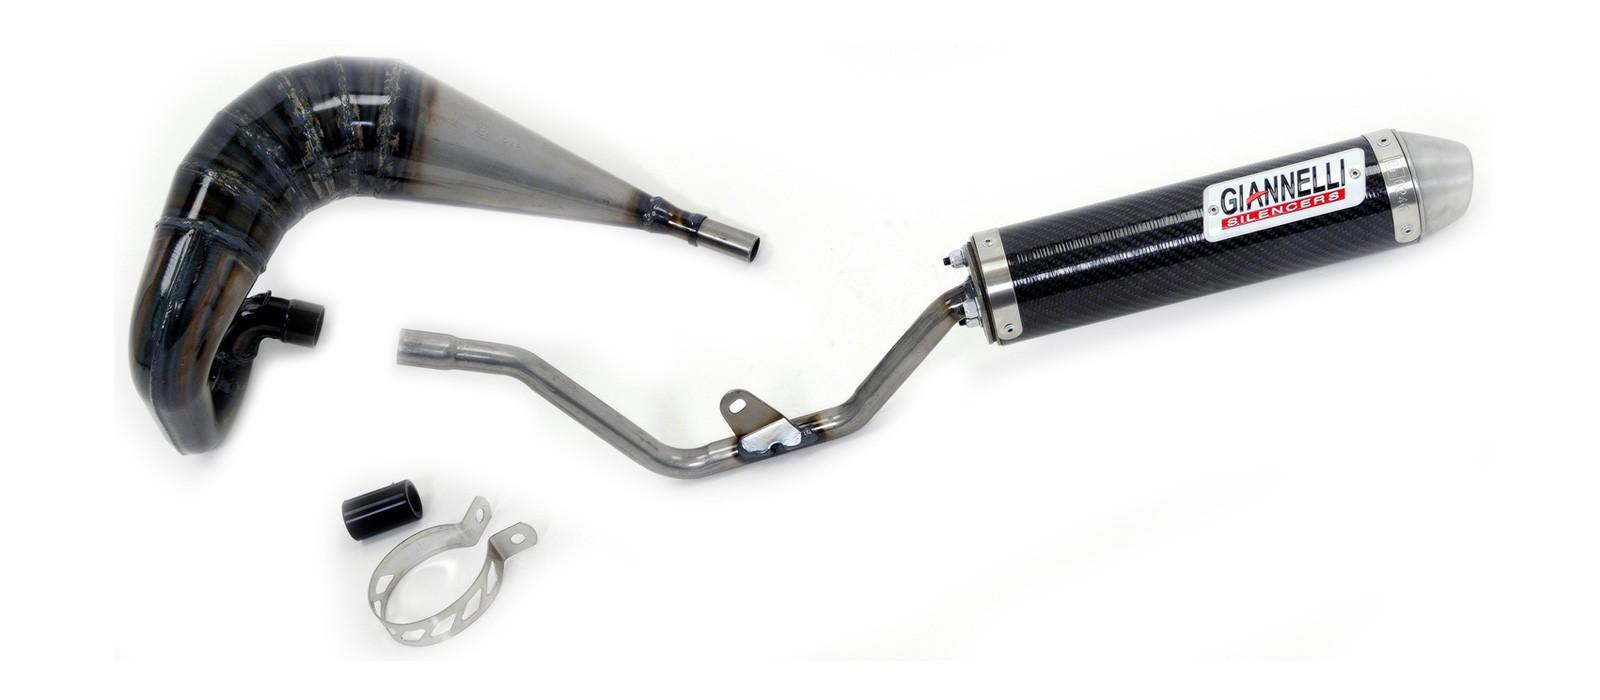 ESCAPES GIANNELLI HUSQVARNA - Silenciador aluminio cross 2T Husqvarna CR 65 Giannelli 55002HF -